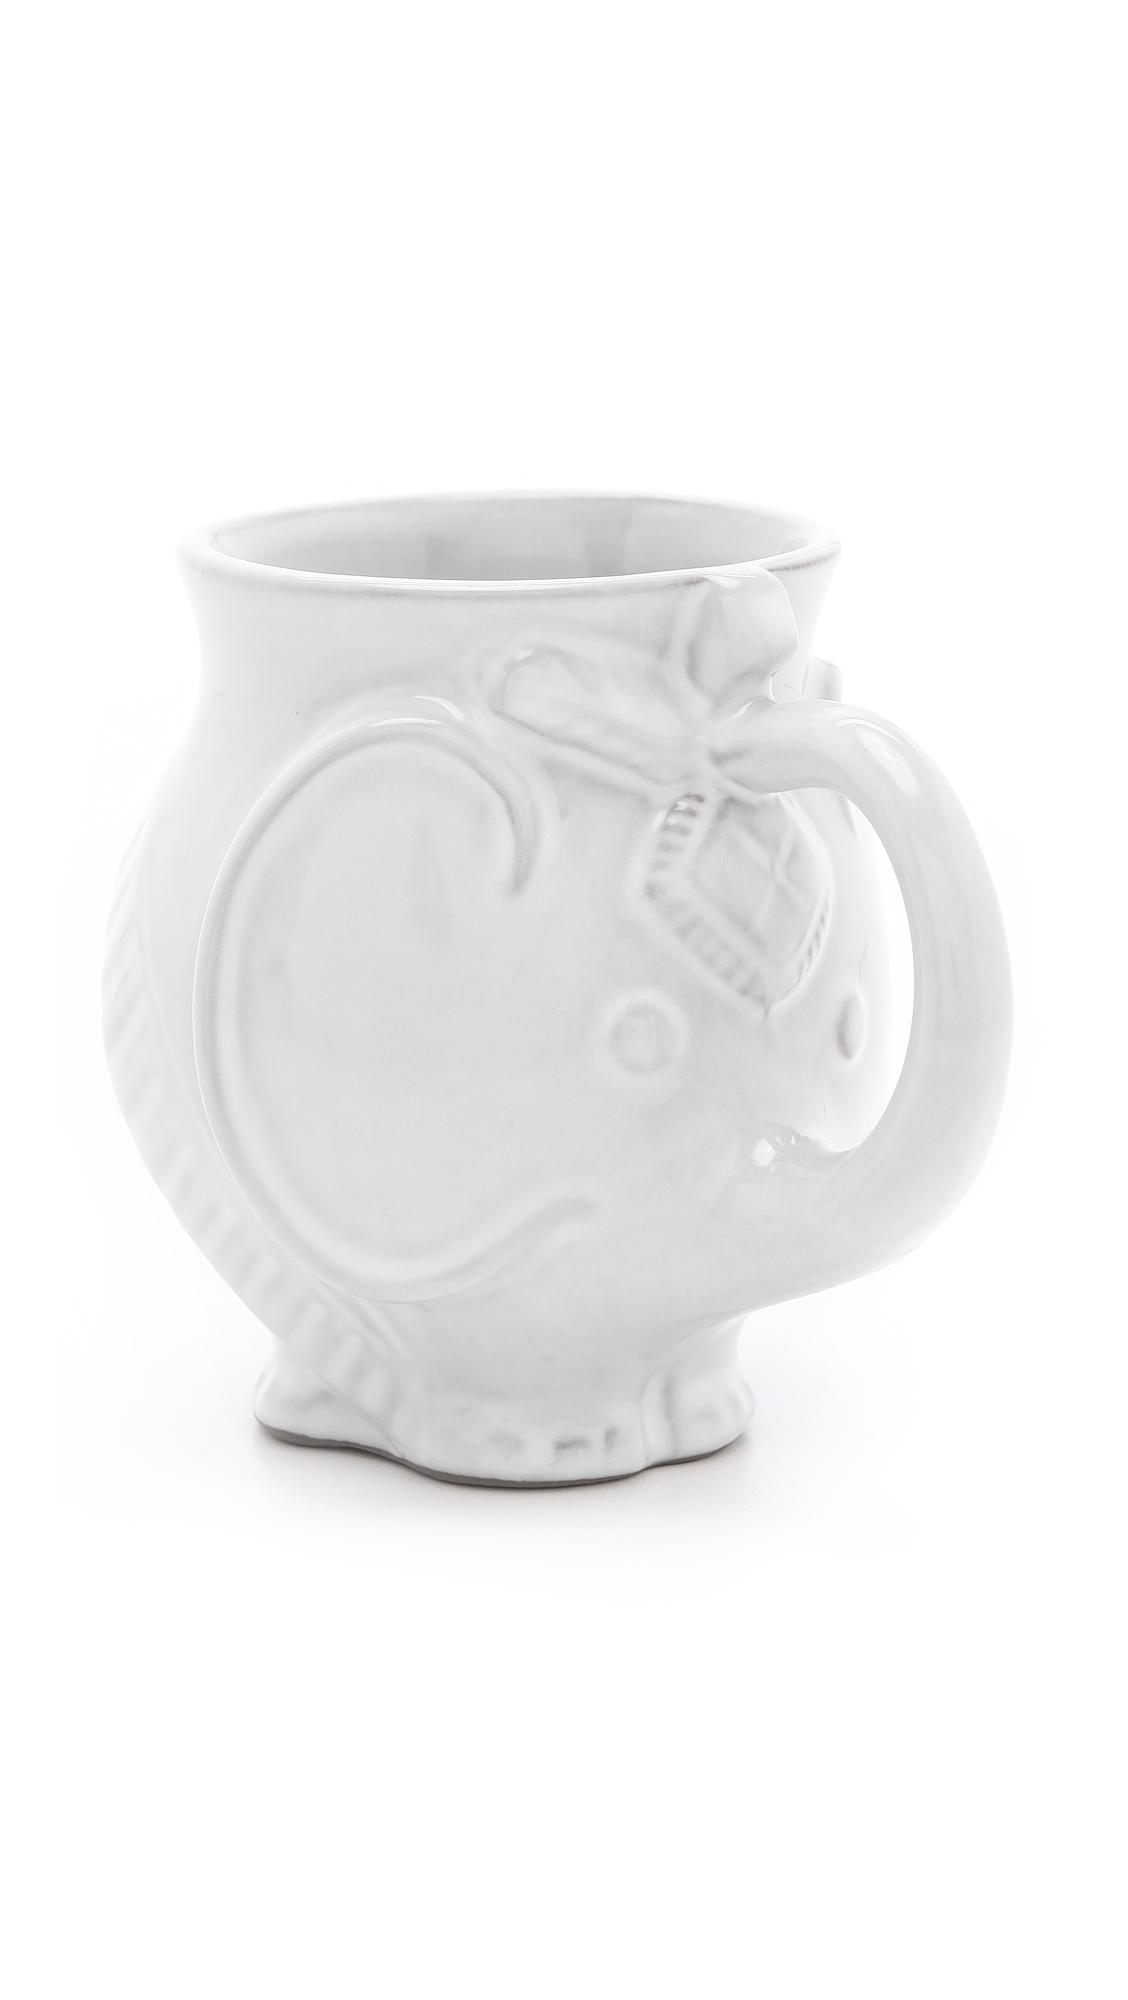 Jonathan Adler Utopia Elephant Mug - White